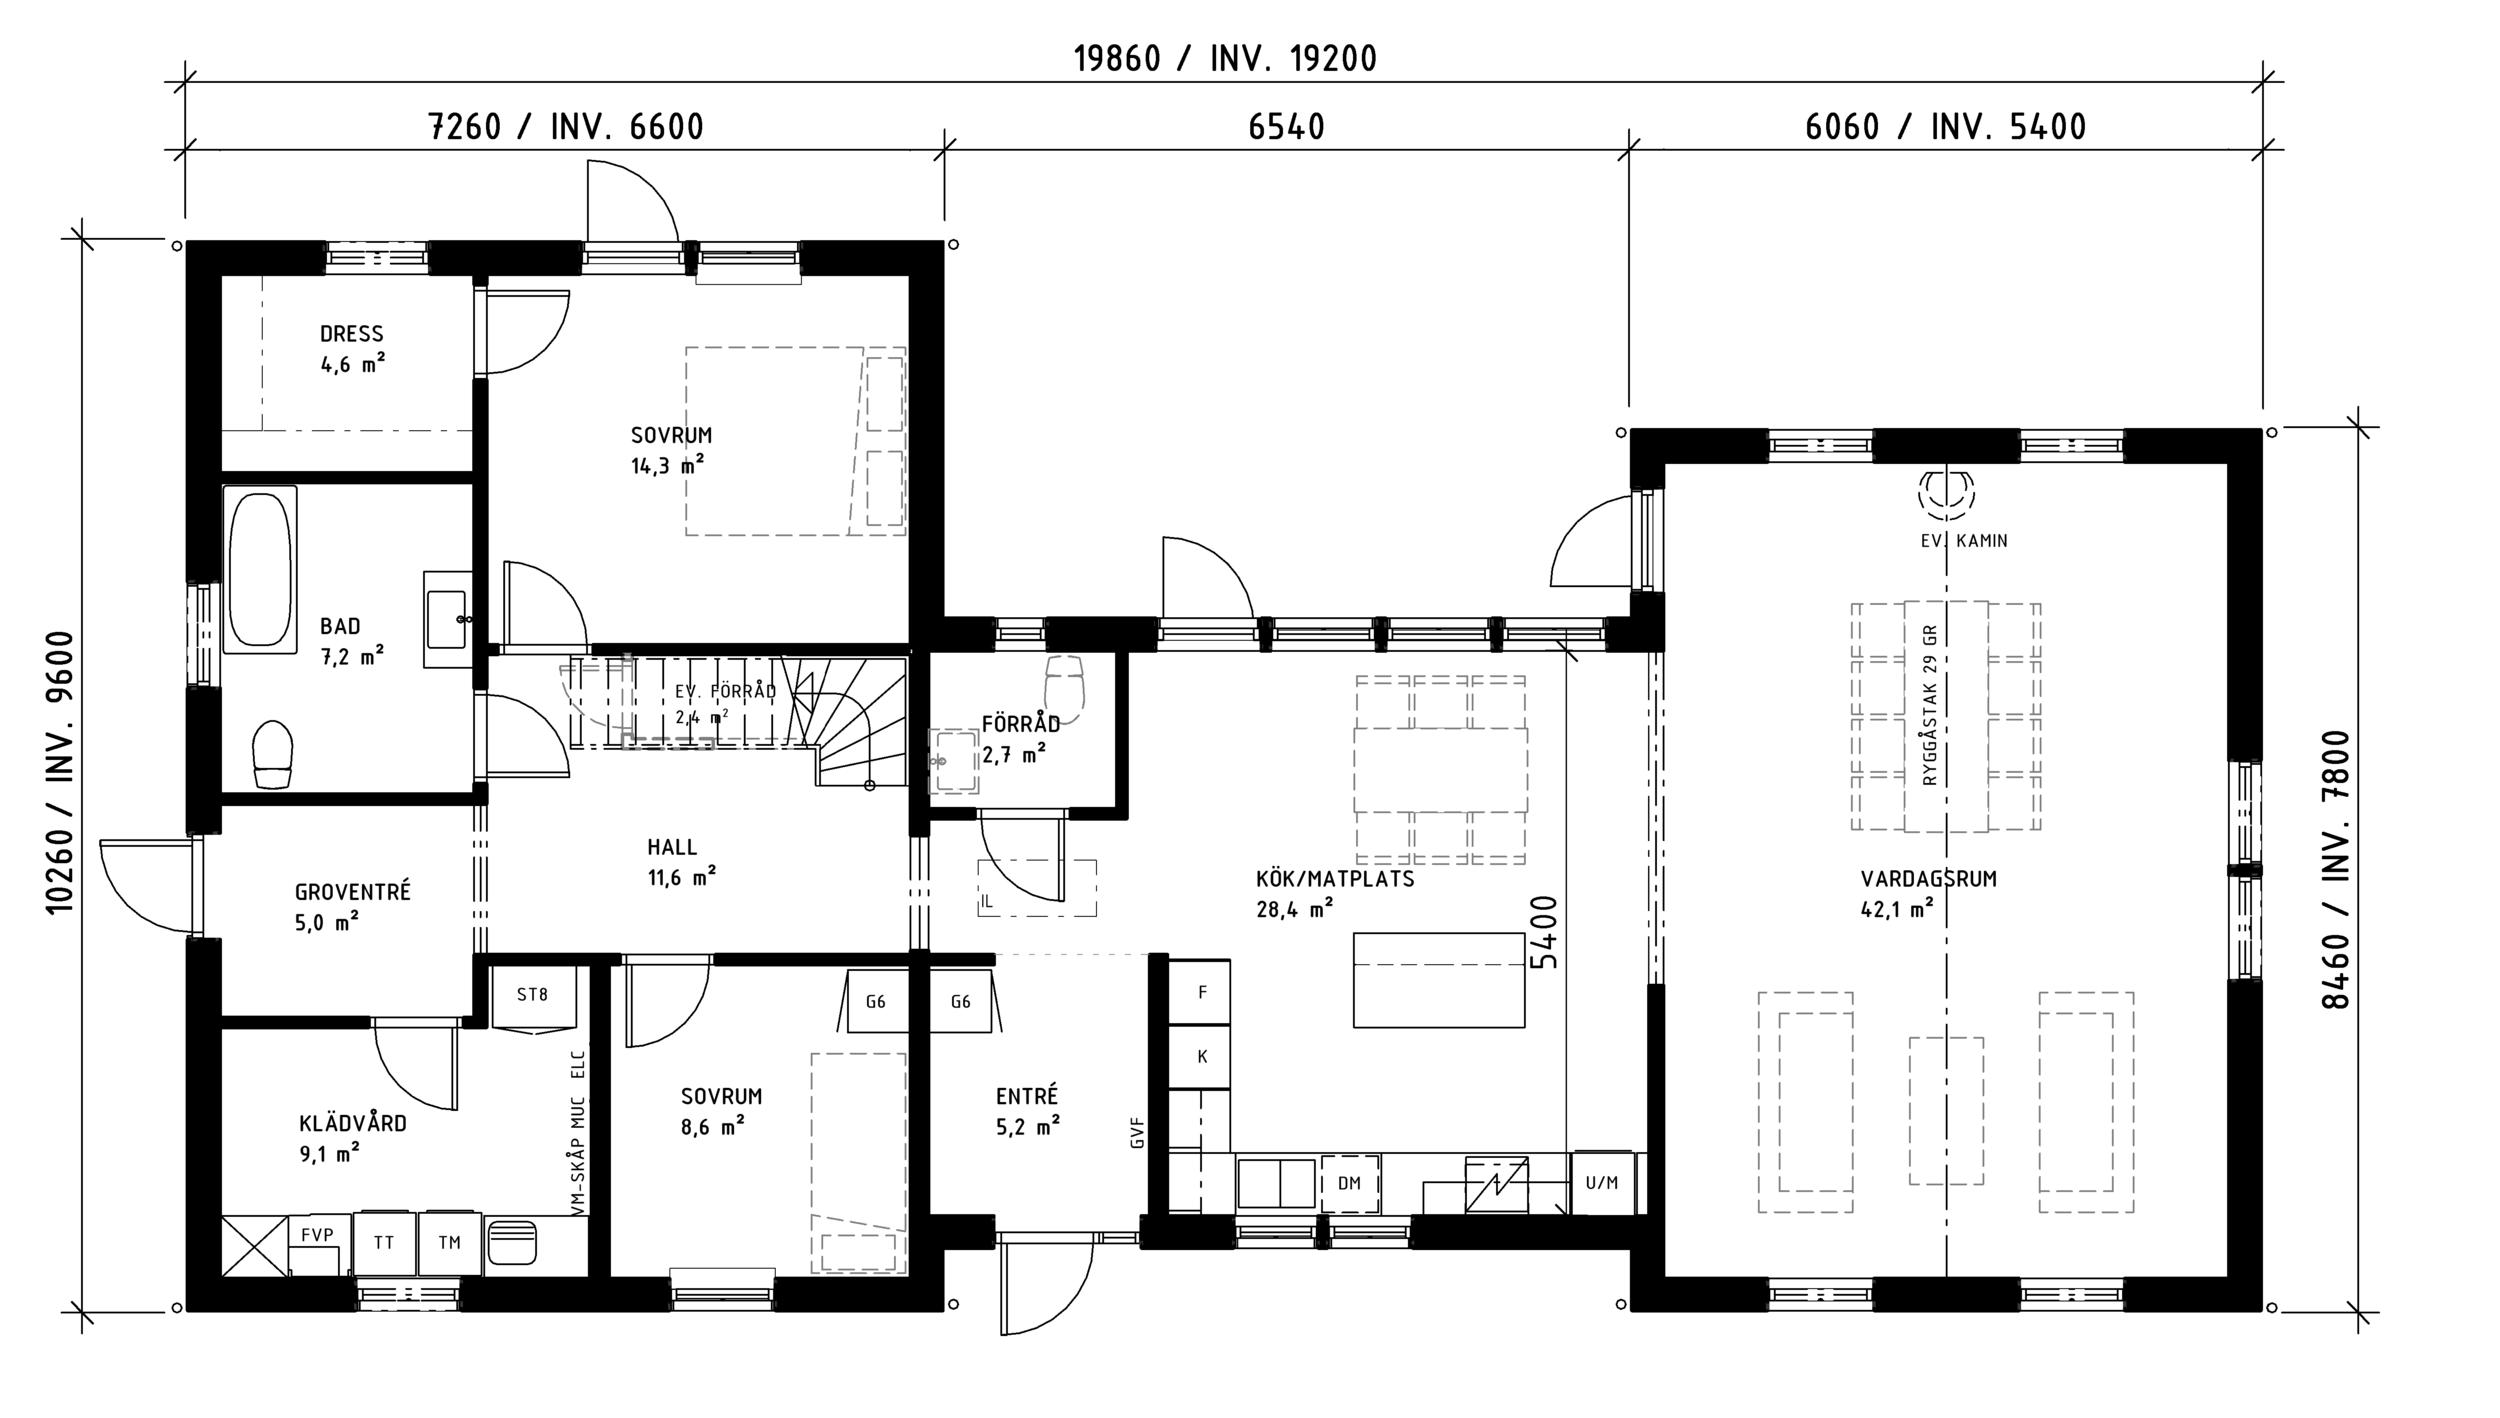 5.1.211. Sävelund plan 190813-entreplan.png